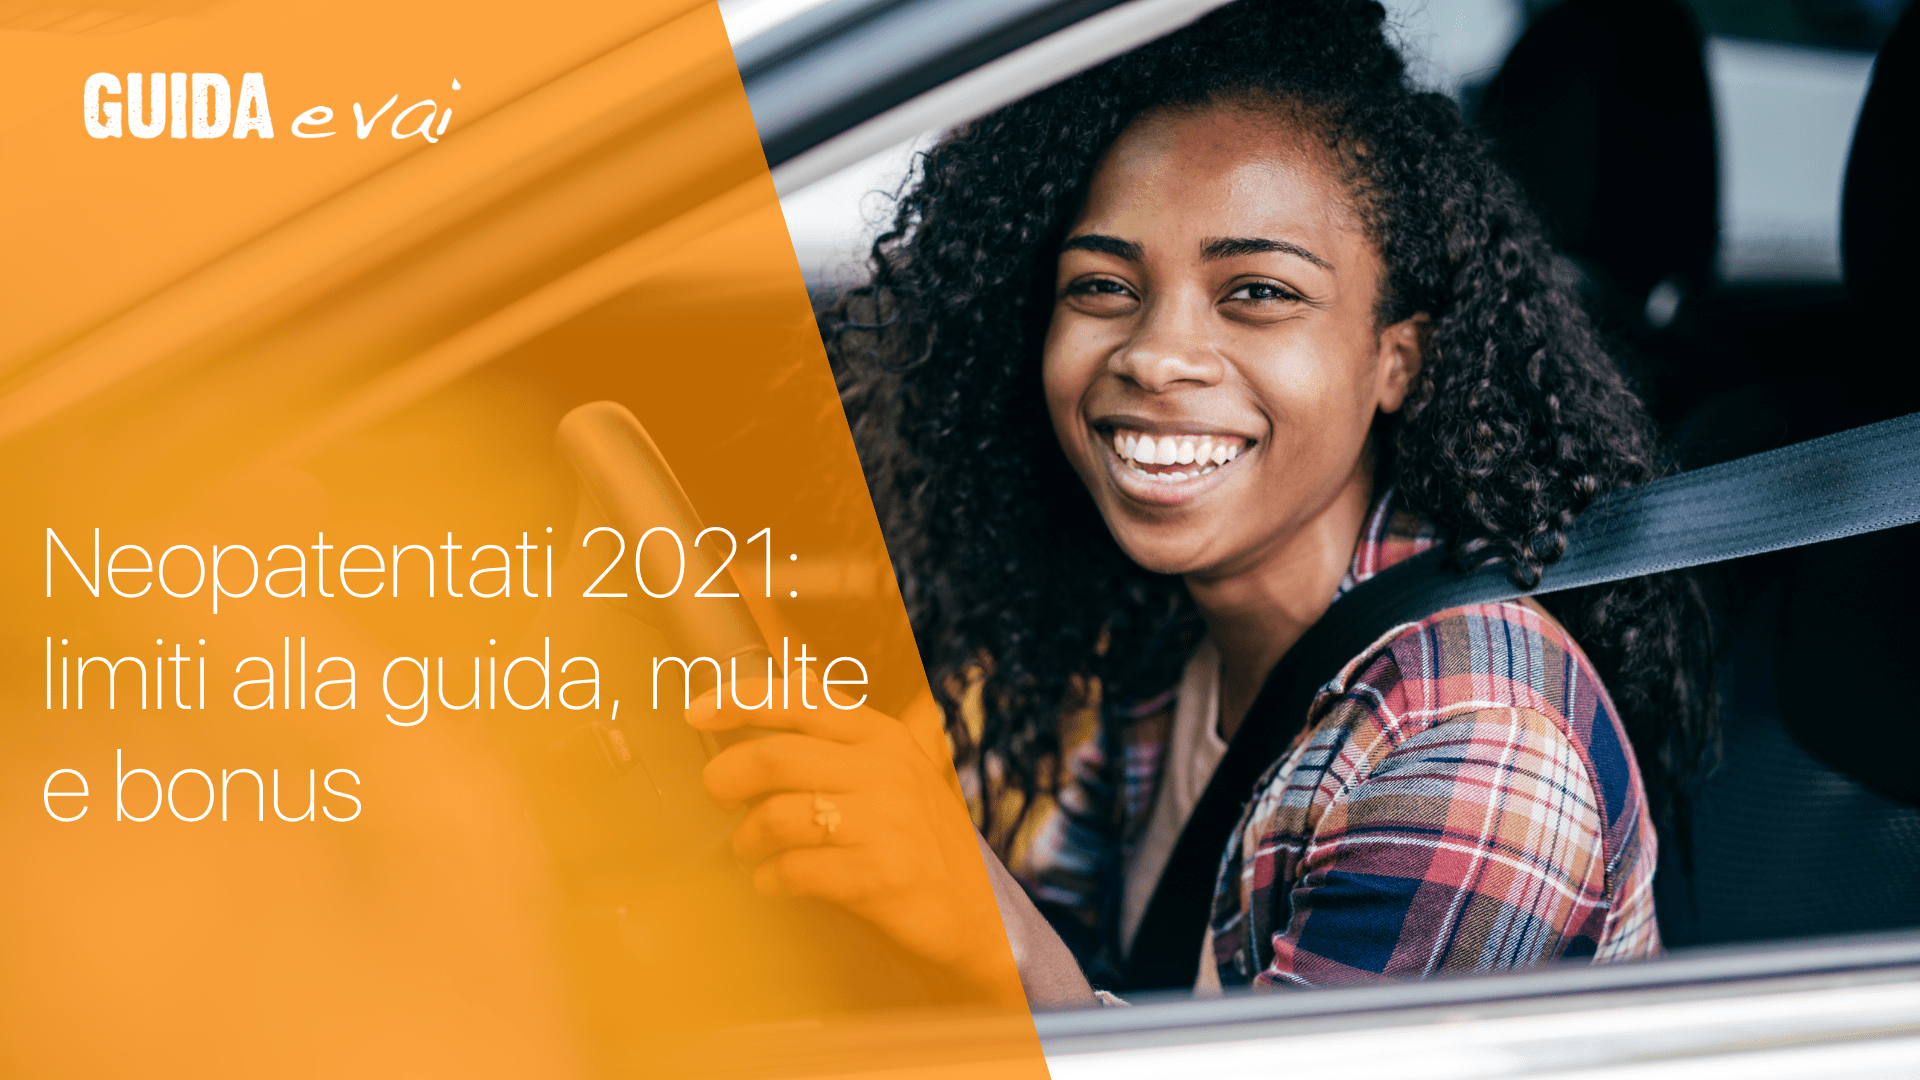 Neopatentati 2021: limiti alla guida, multe e bonus punti patente!